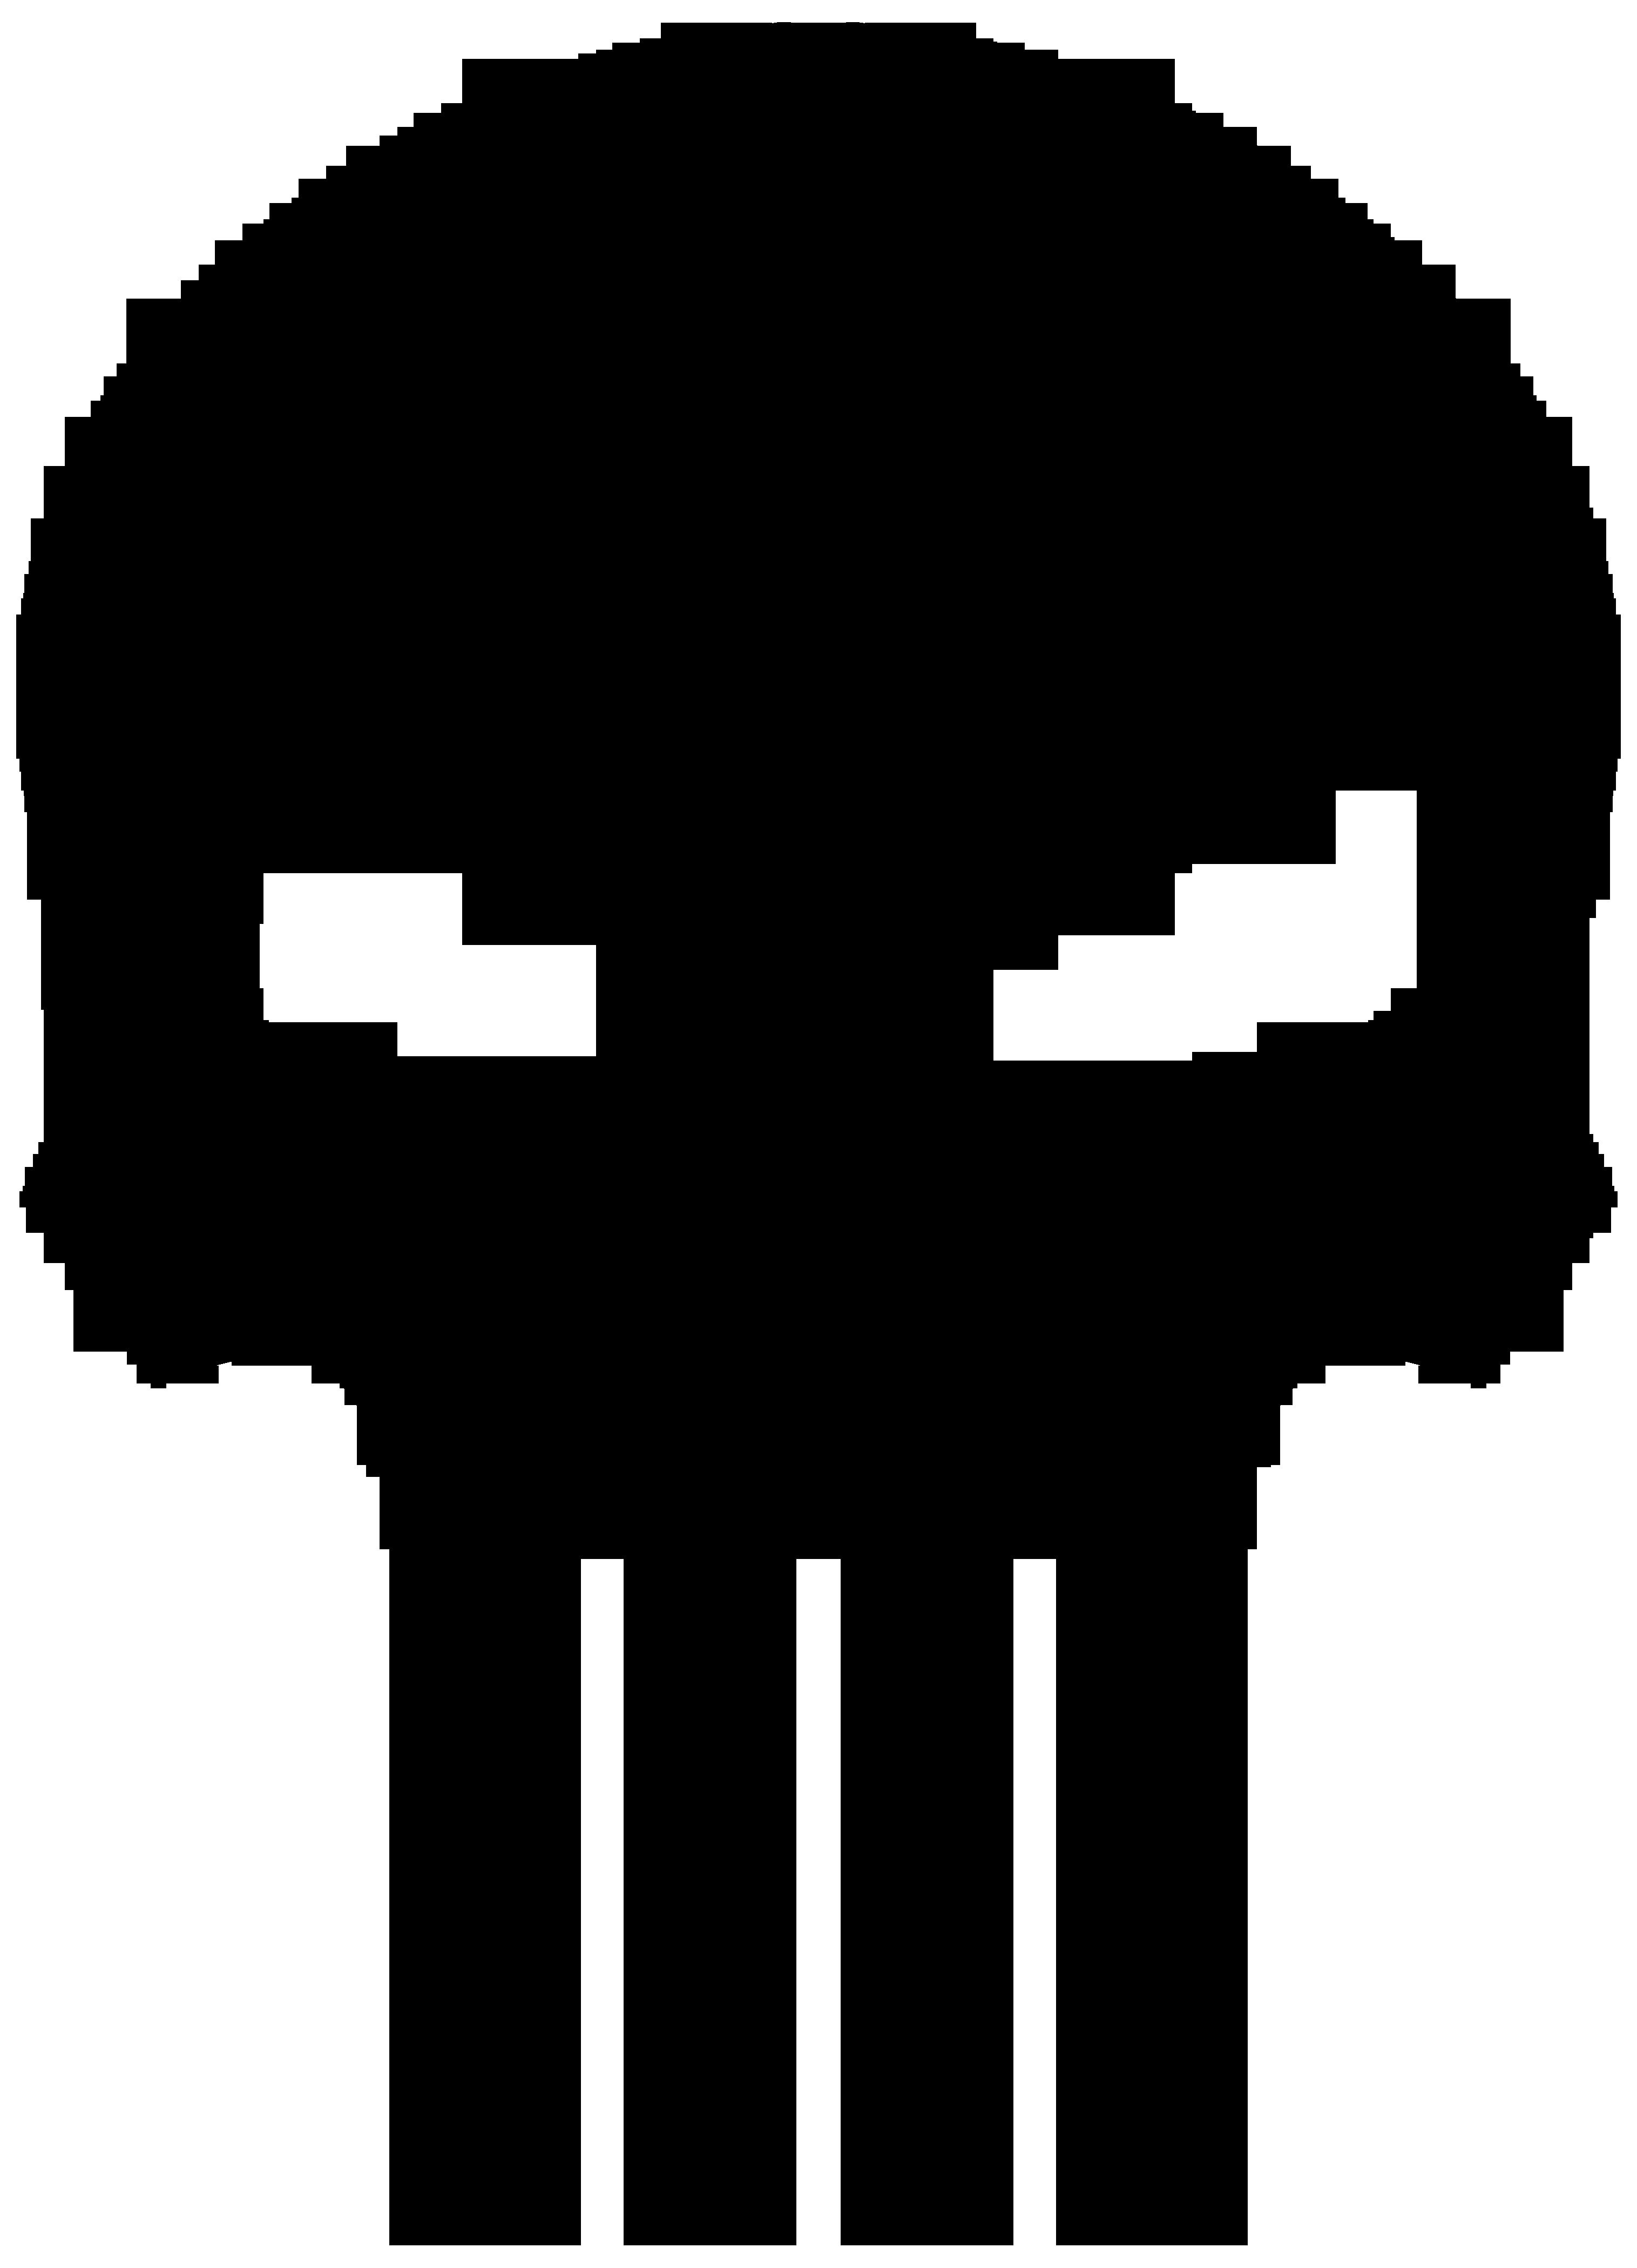 banner transparent library Punisher Emblem by JAMESNG